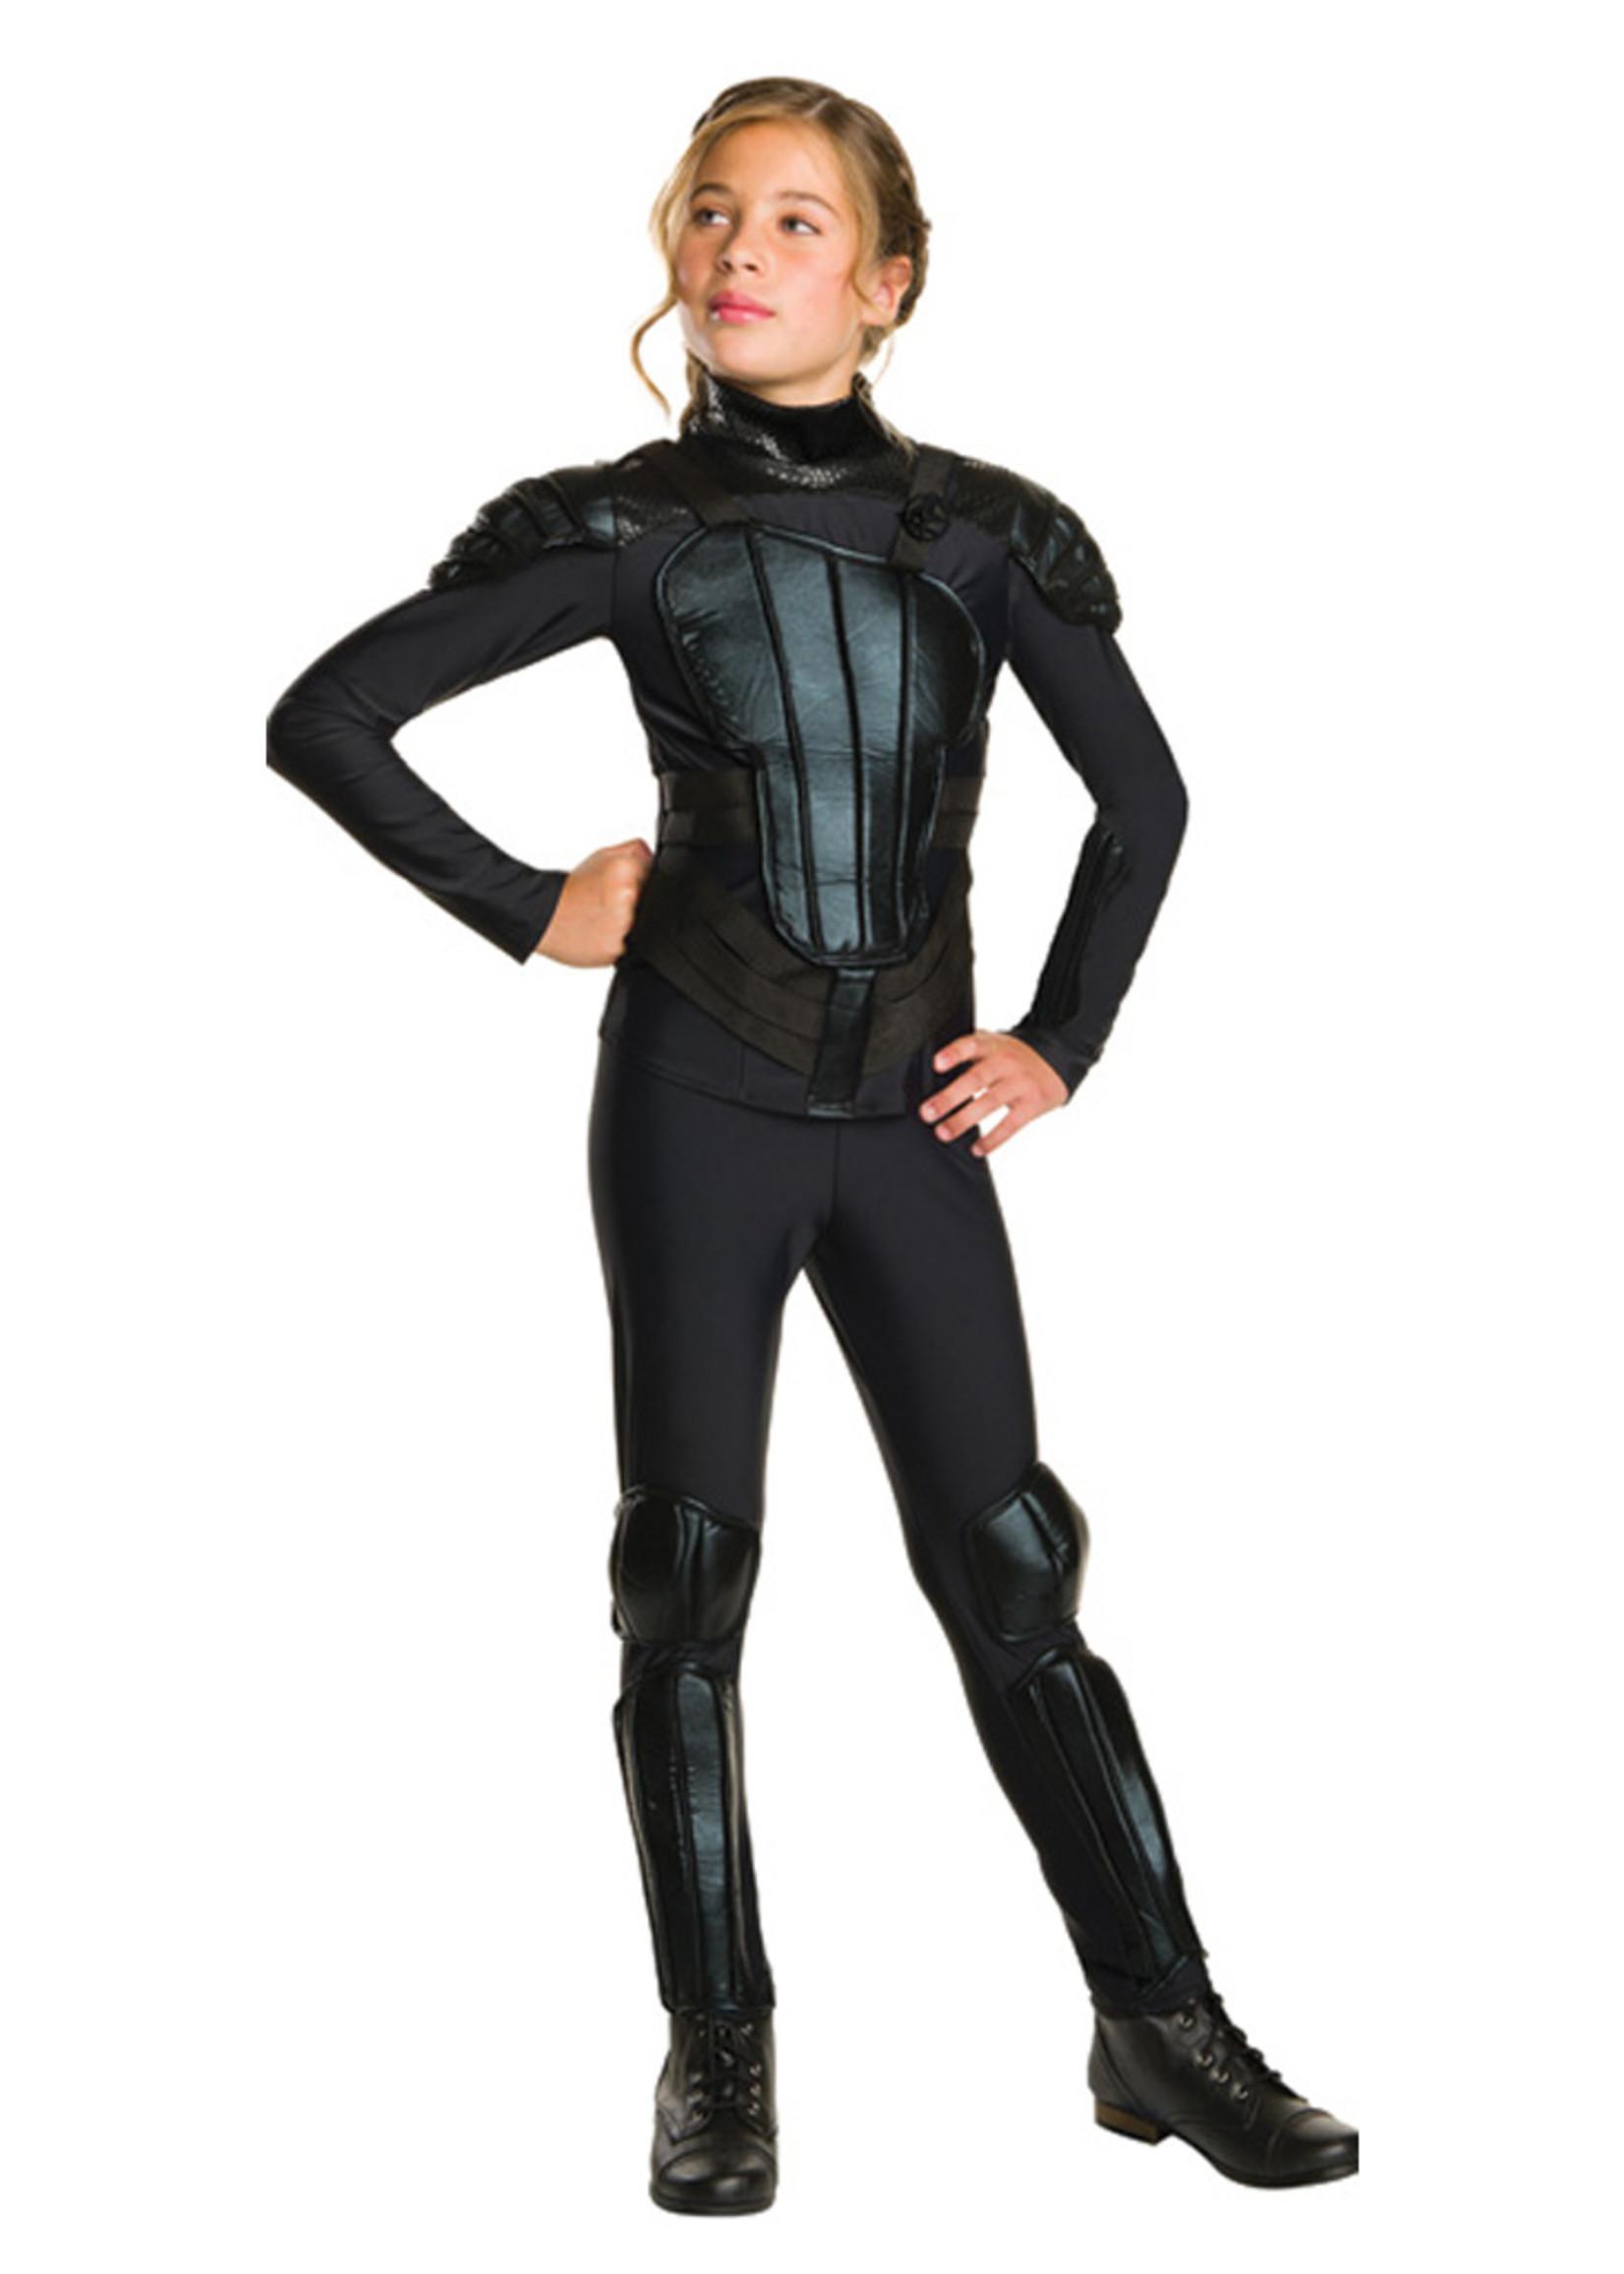 Katniss - The Hunger Games Costume - Girls